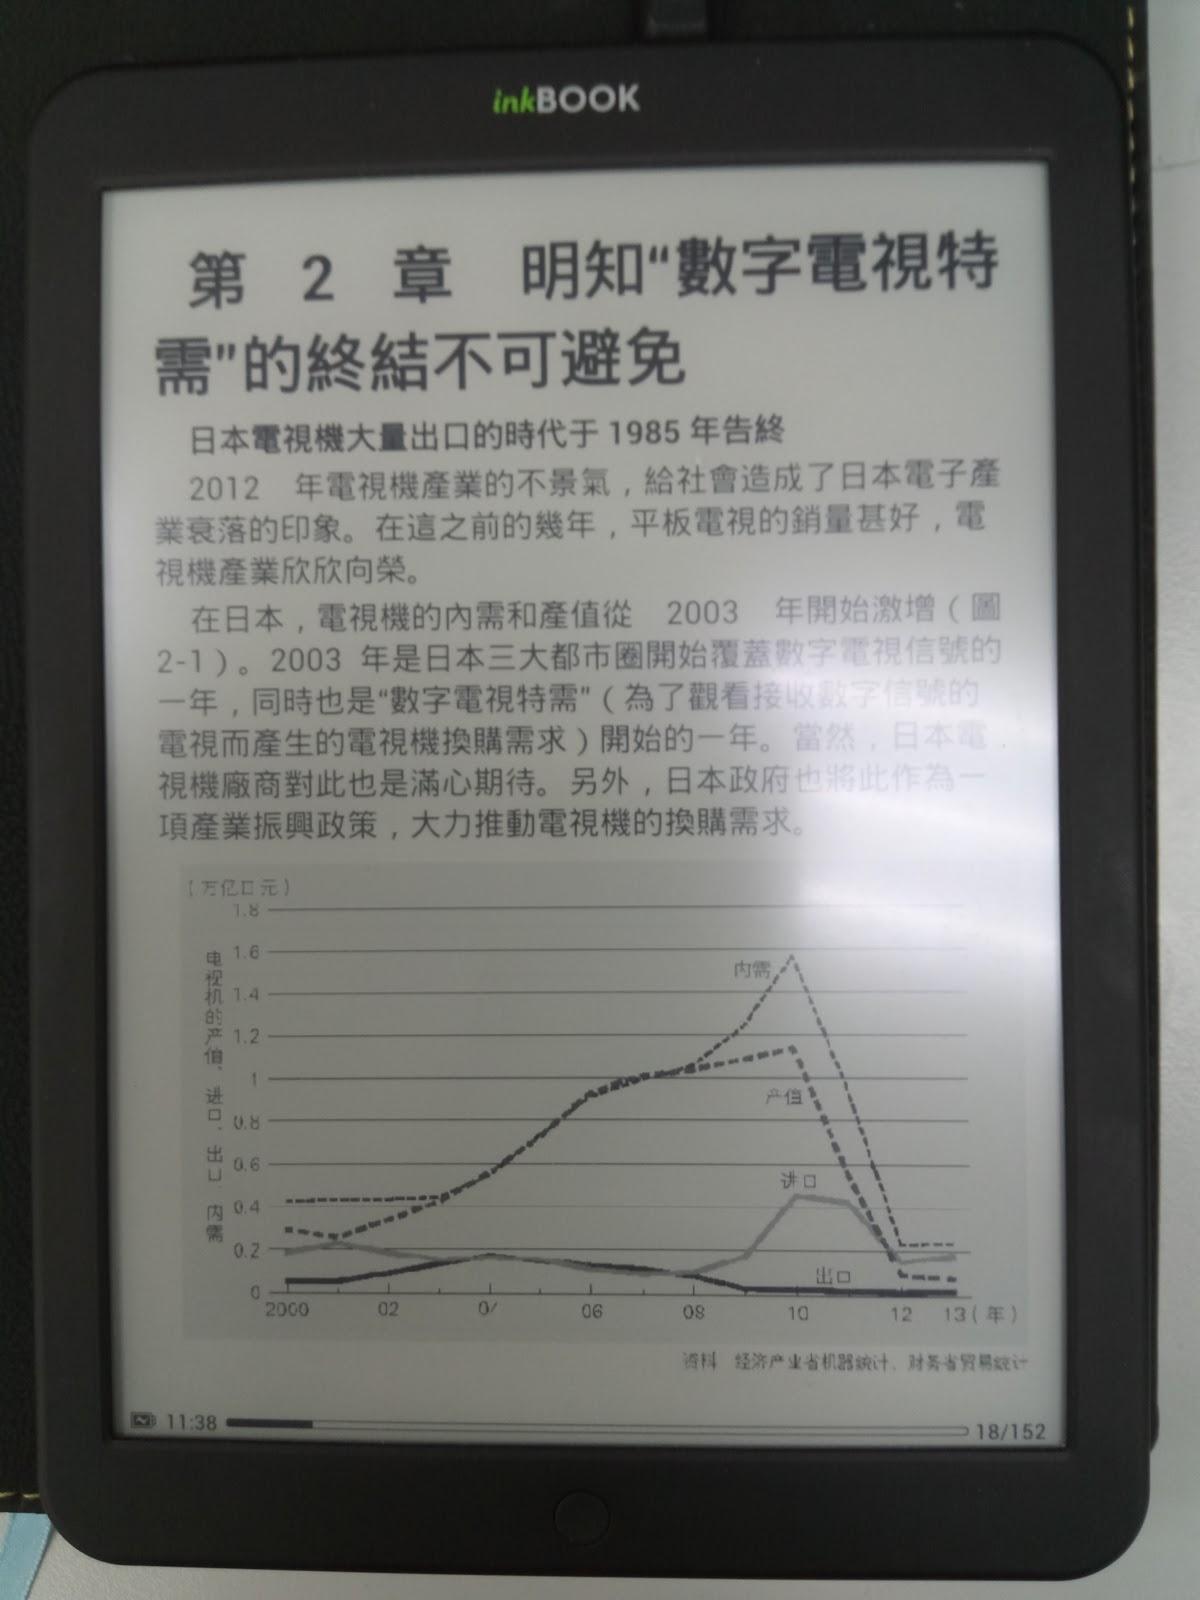 fig 1. 在電子閱讀器上圖表不清楚